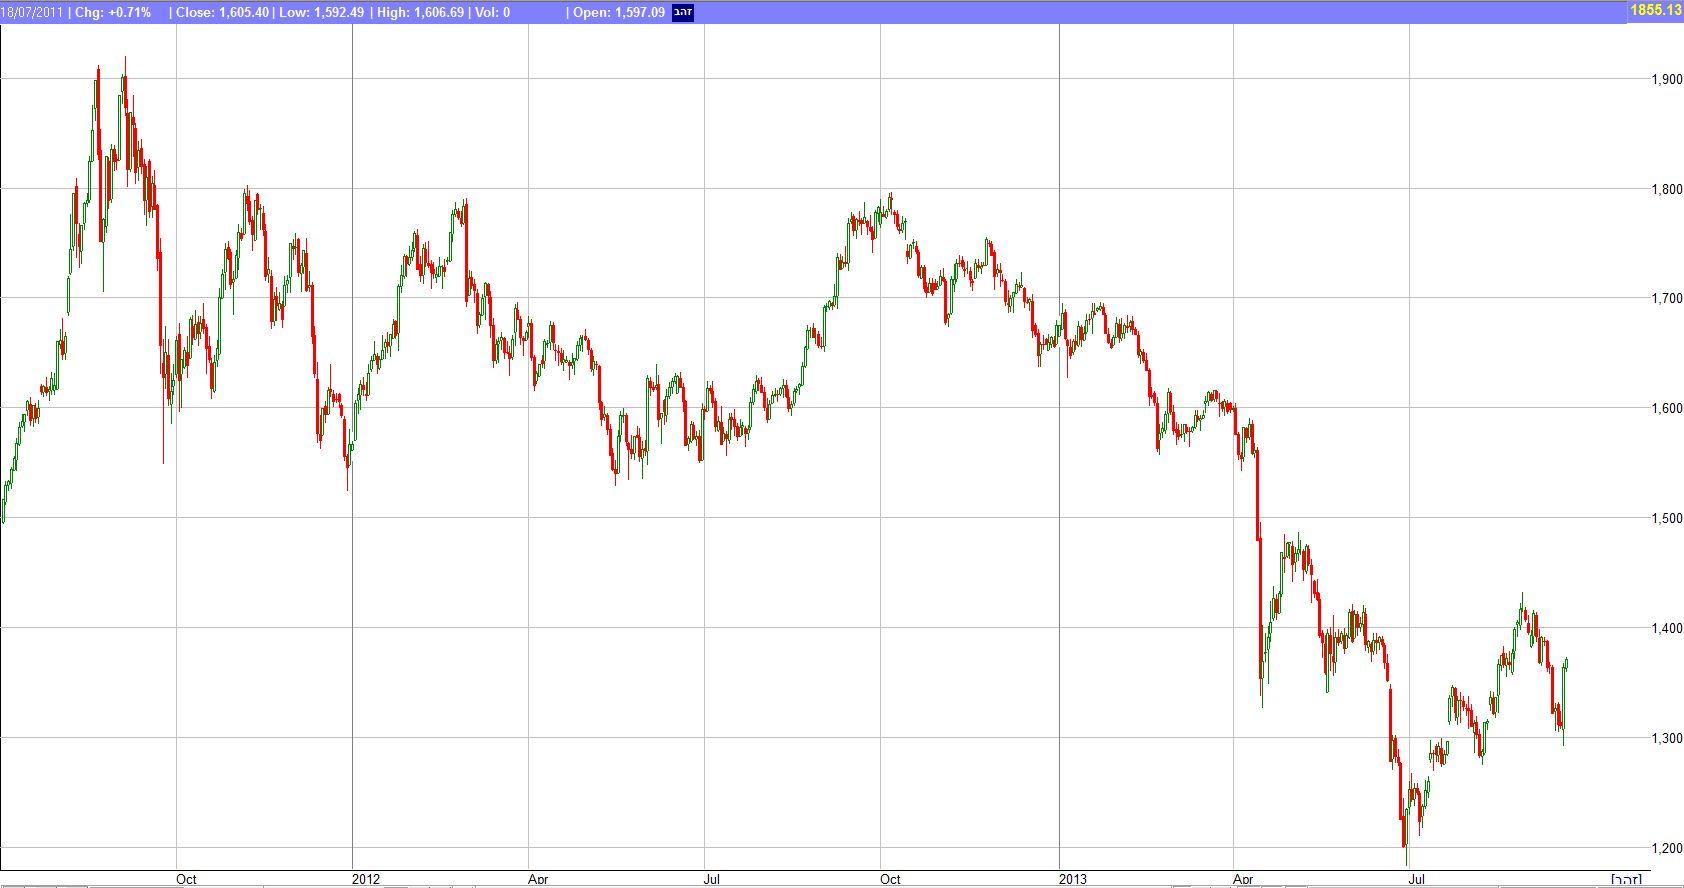 מחיר הזהב בשנתיים האחרונות